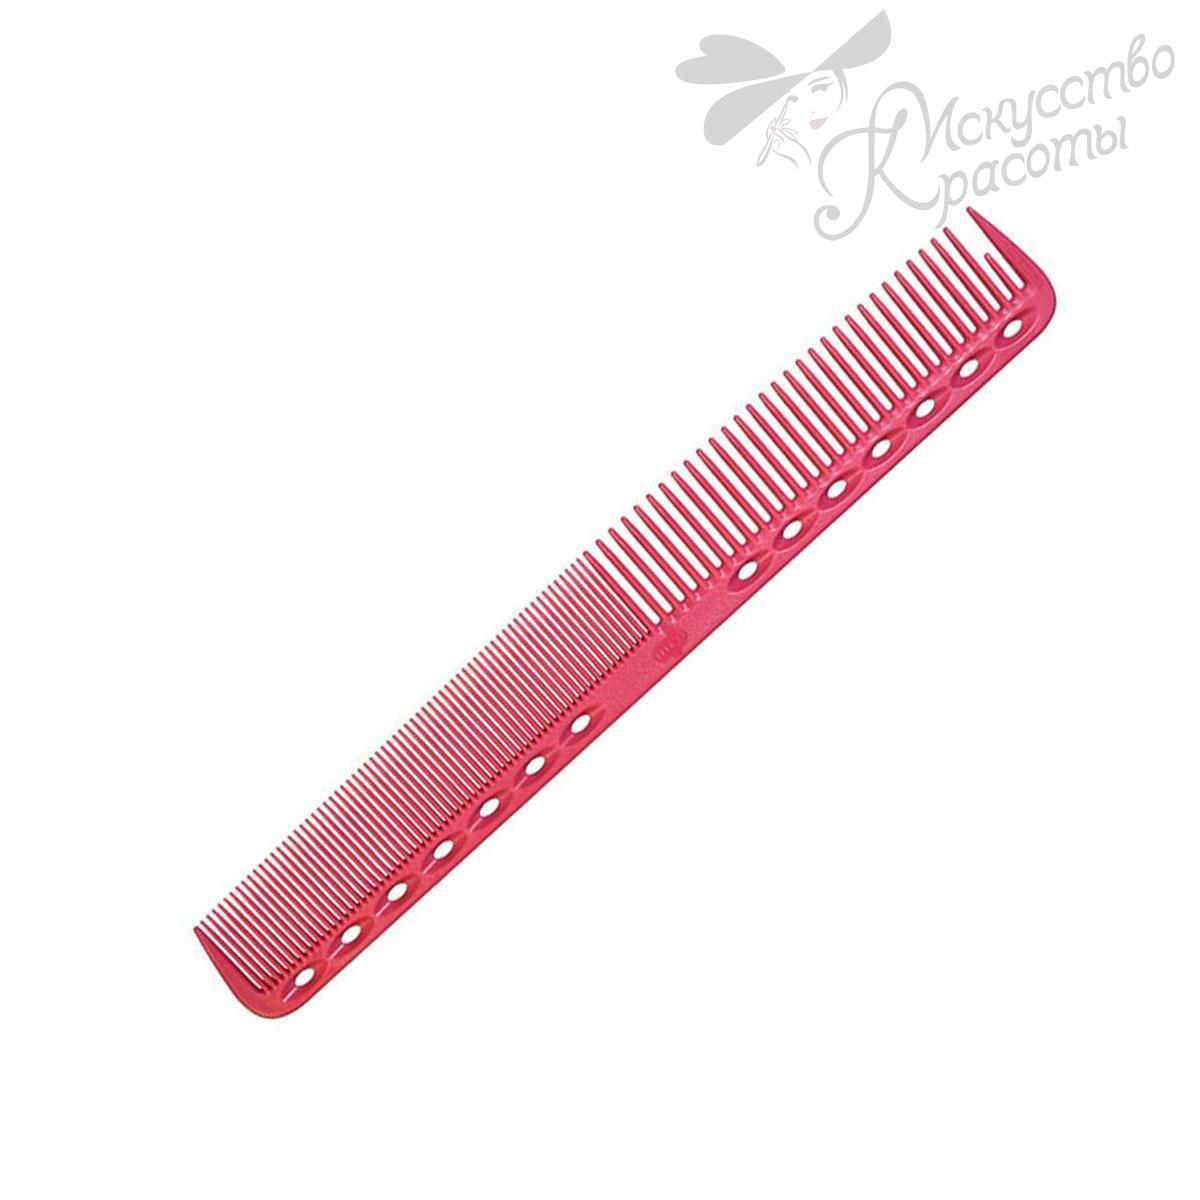 Расческа для стрижки 339 pink Y.S. Park